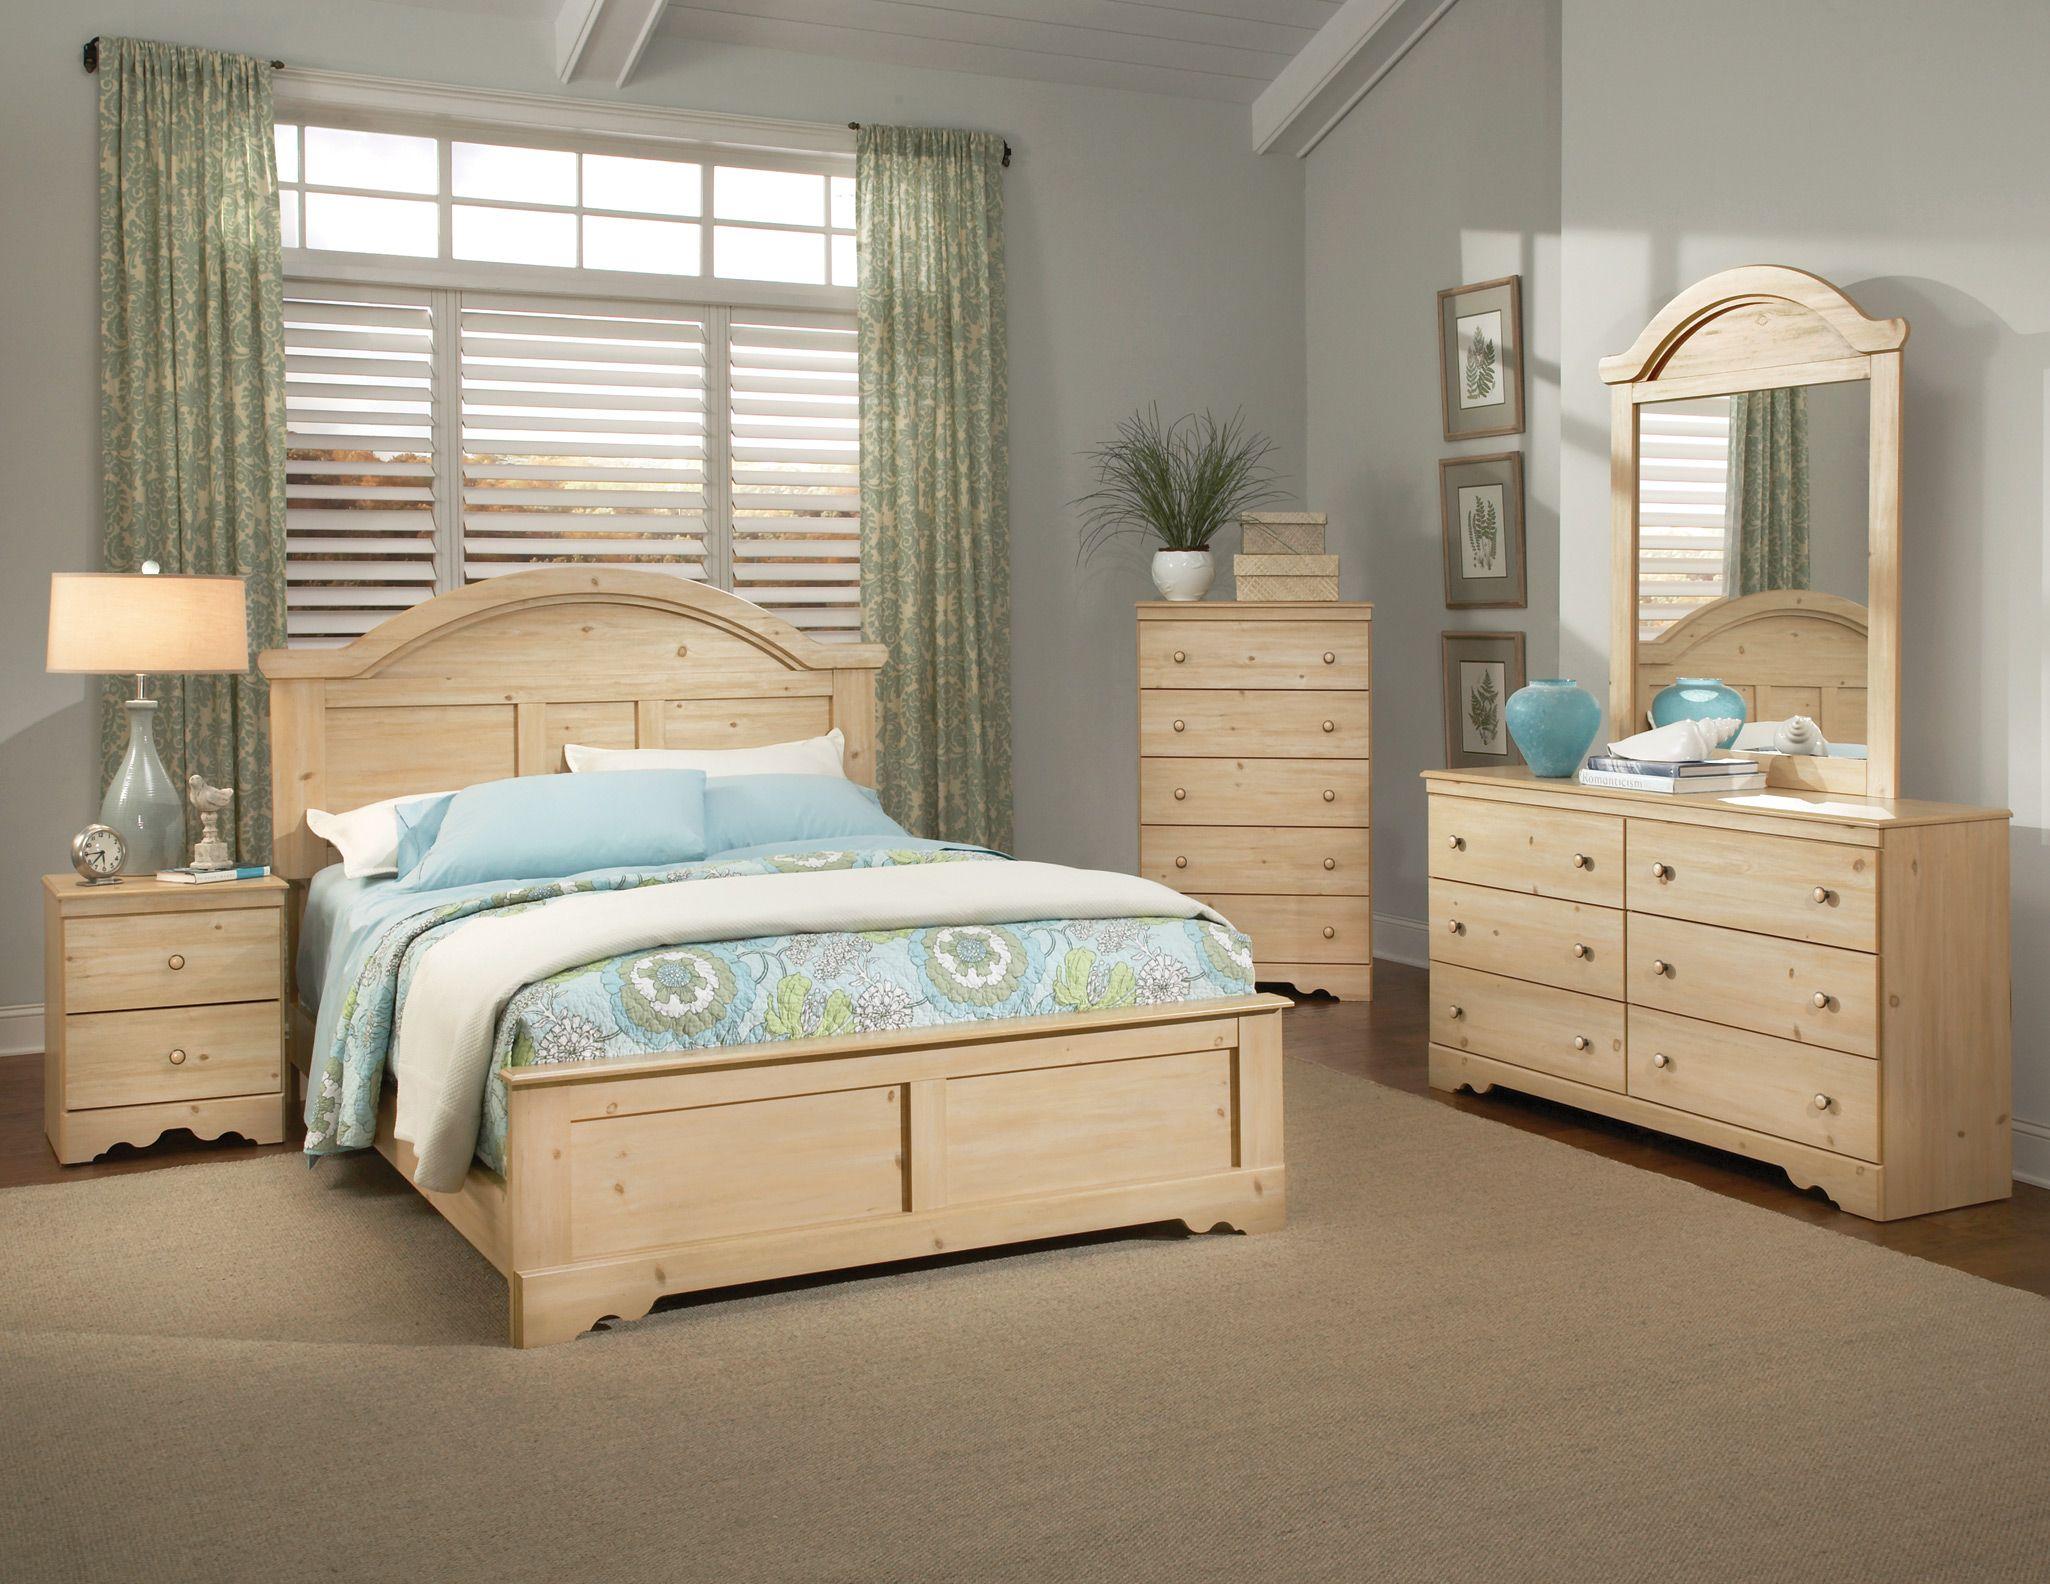 bedroom furniture sets pine photo - 7